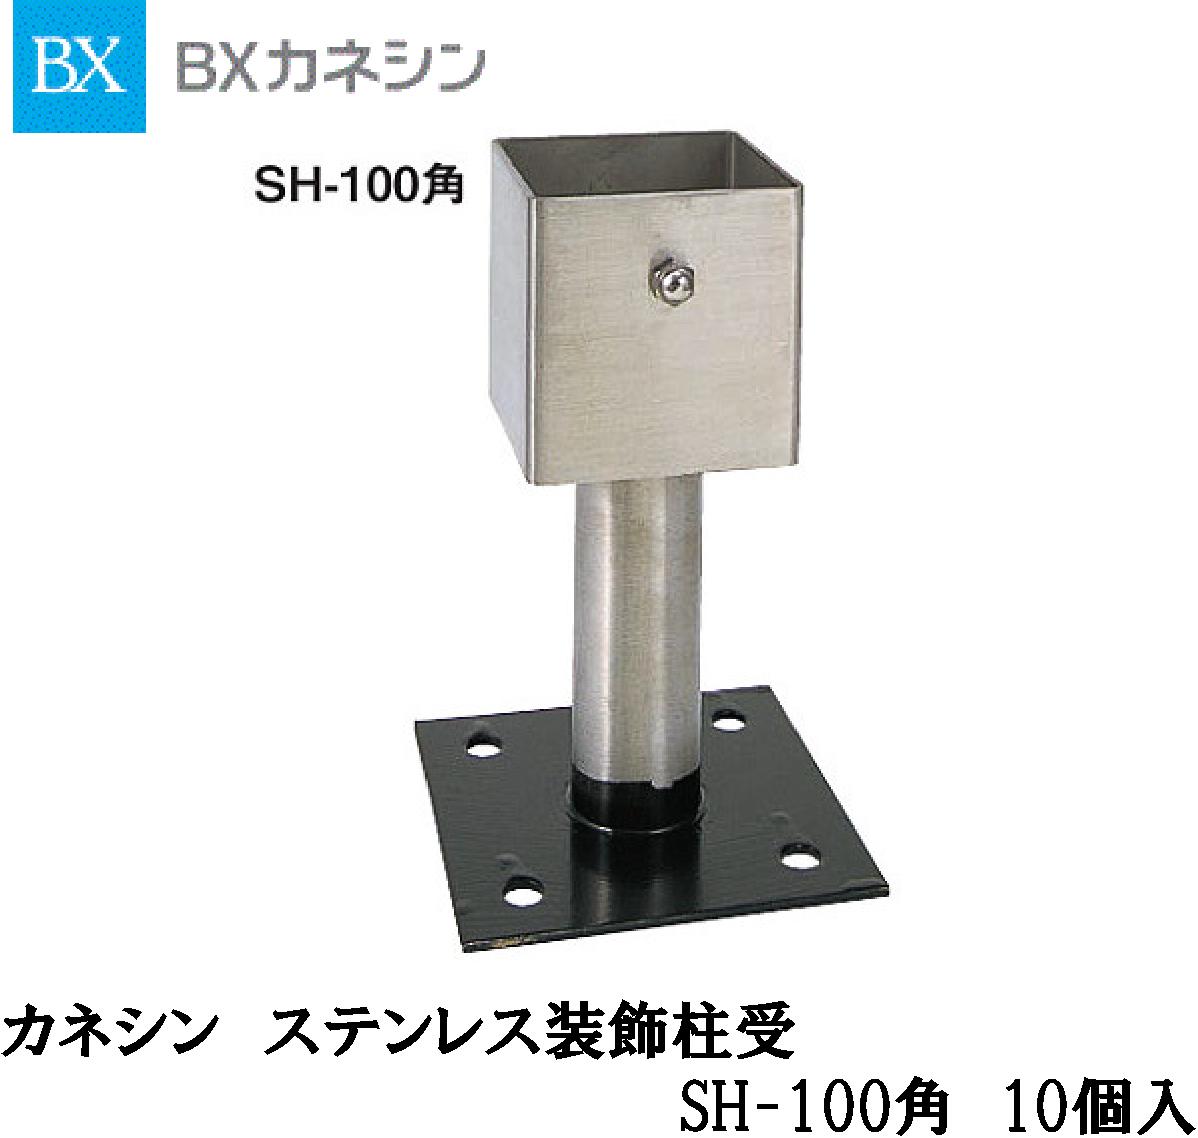 BXカネシン【ステンレス装飾柱受 SH-100角 131000 10入】